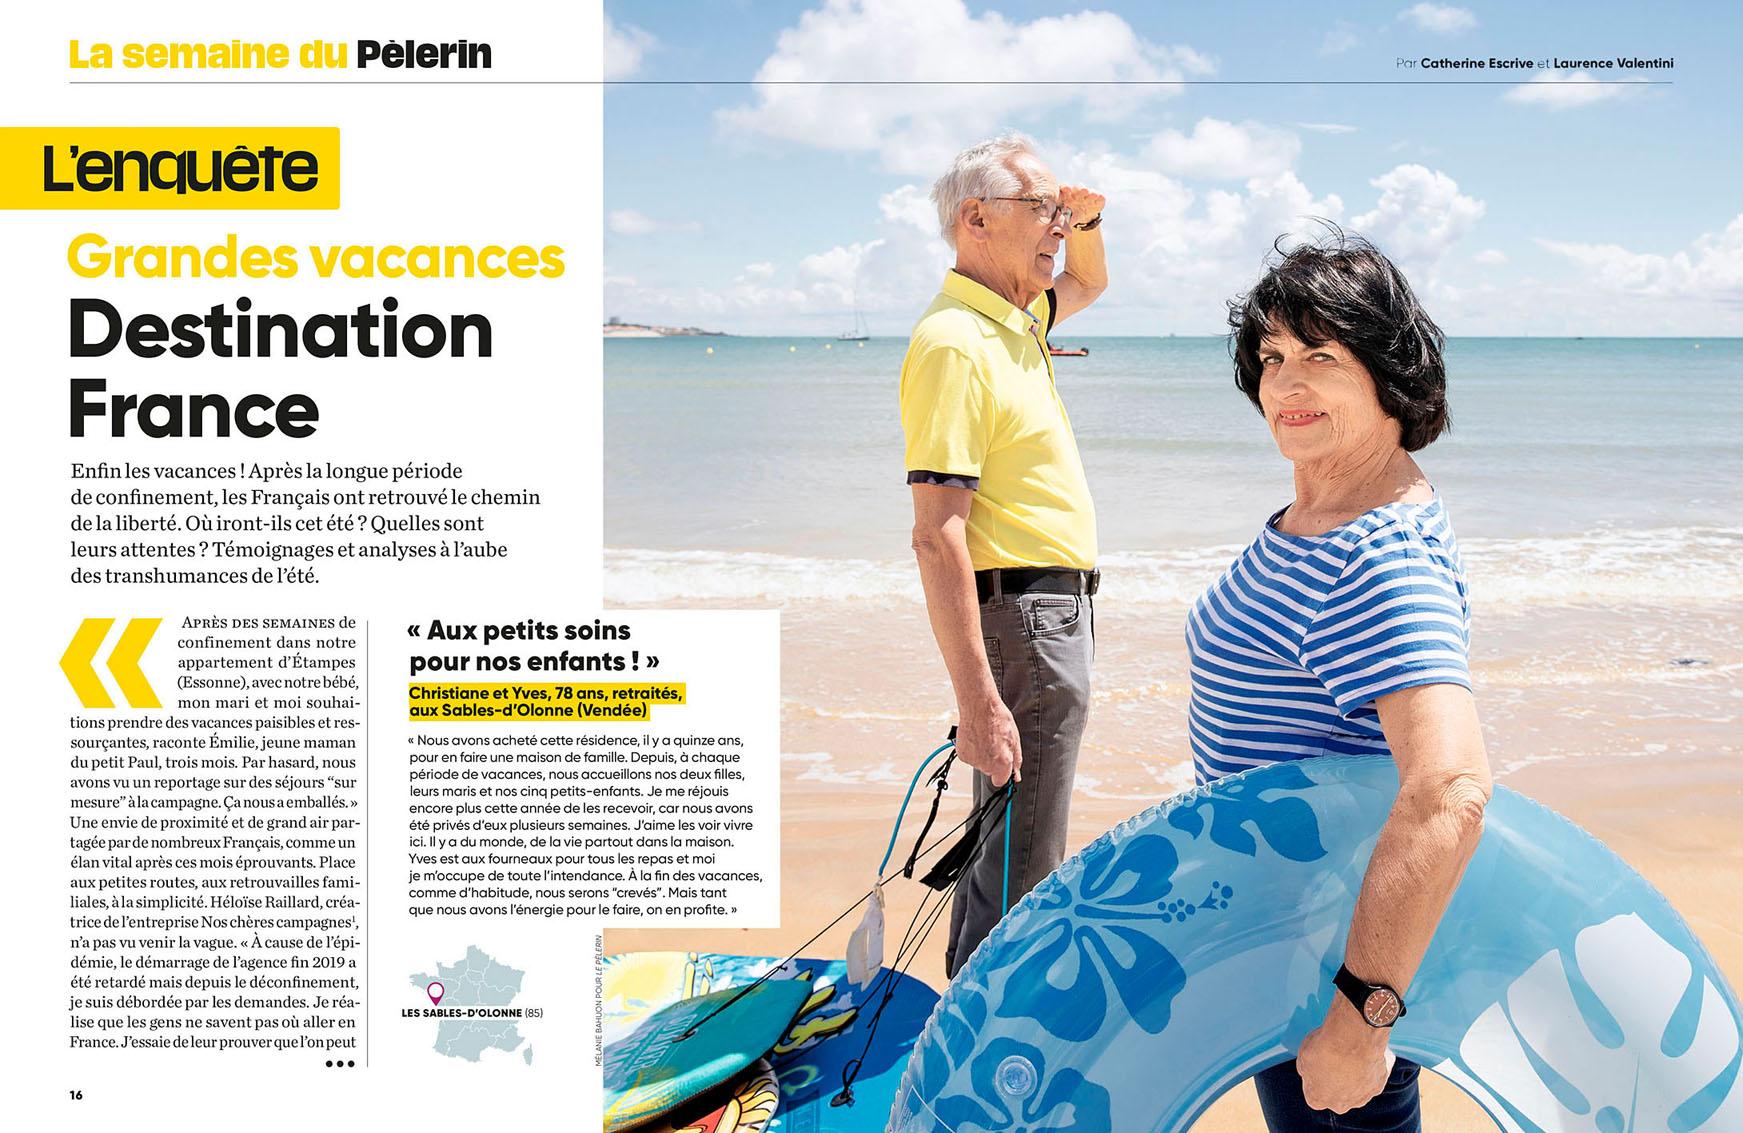 Christiane et Yves sur la grande plage des Sables d'Olonne. Pèlerin du 2 juillet